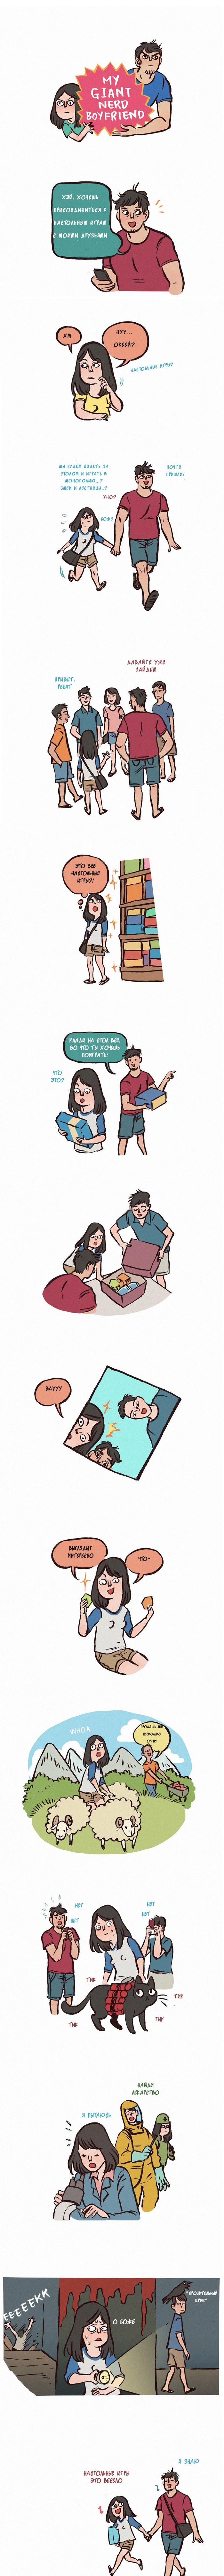 Настольные игры Fishball, Комиксы, Настольные игры, Девушки, Парни, Длиннопост, My Giant Nerd Boyfriend